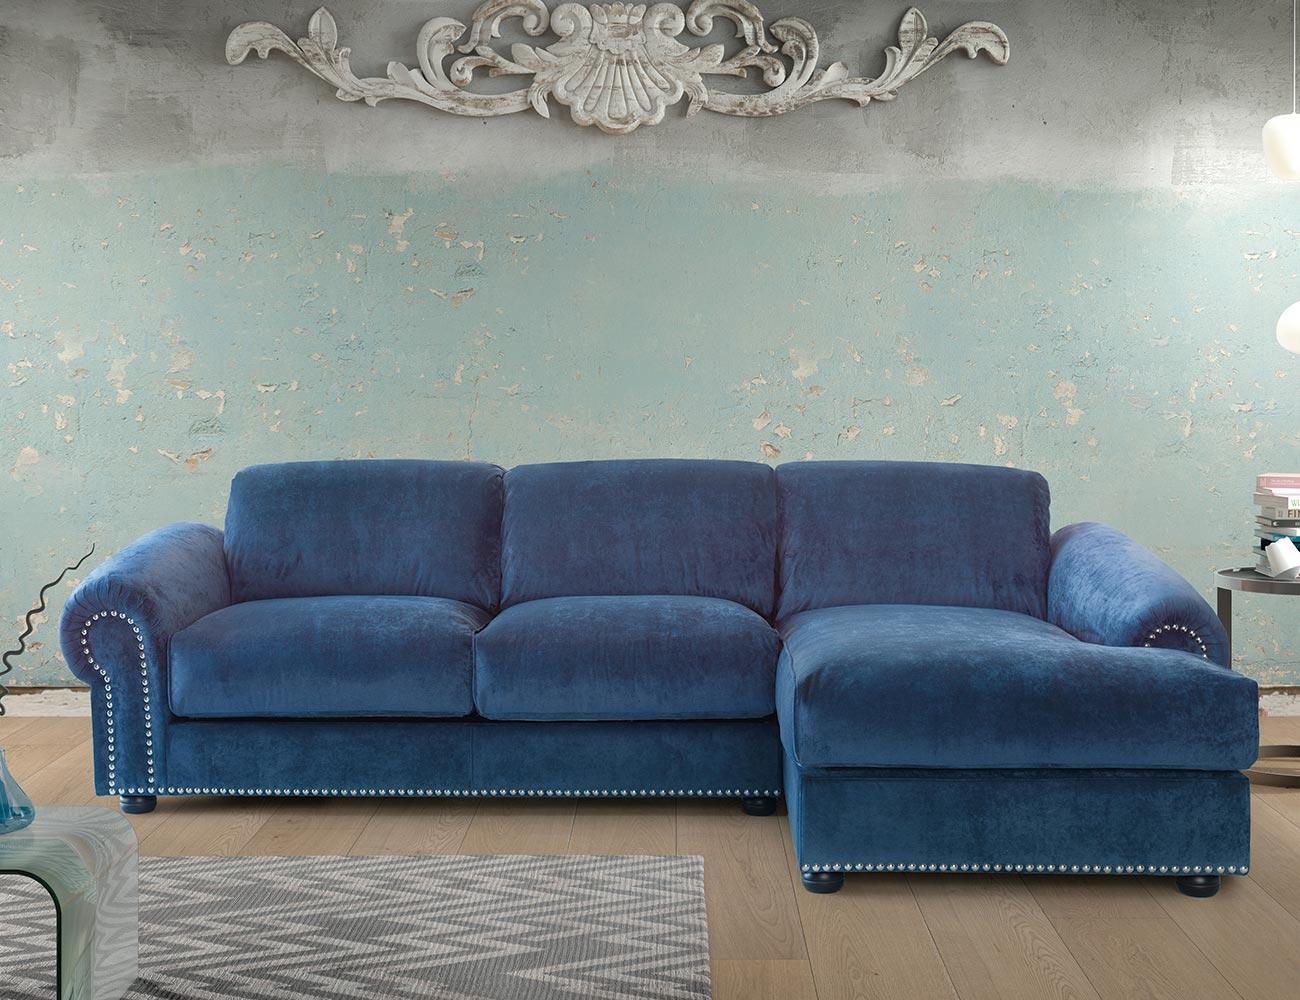 Sofa chaiselongue gran lujo decorativo azul